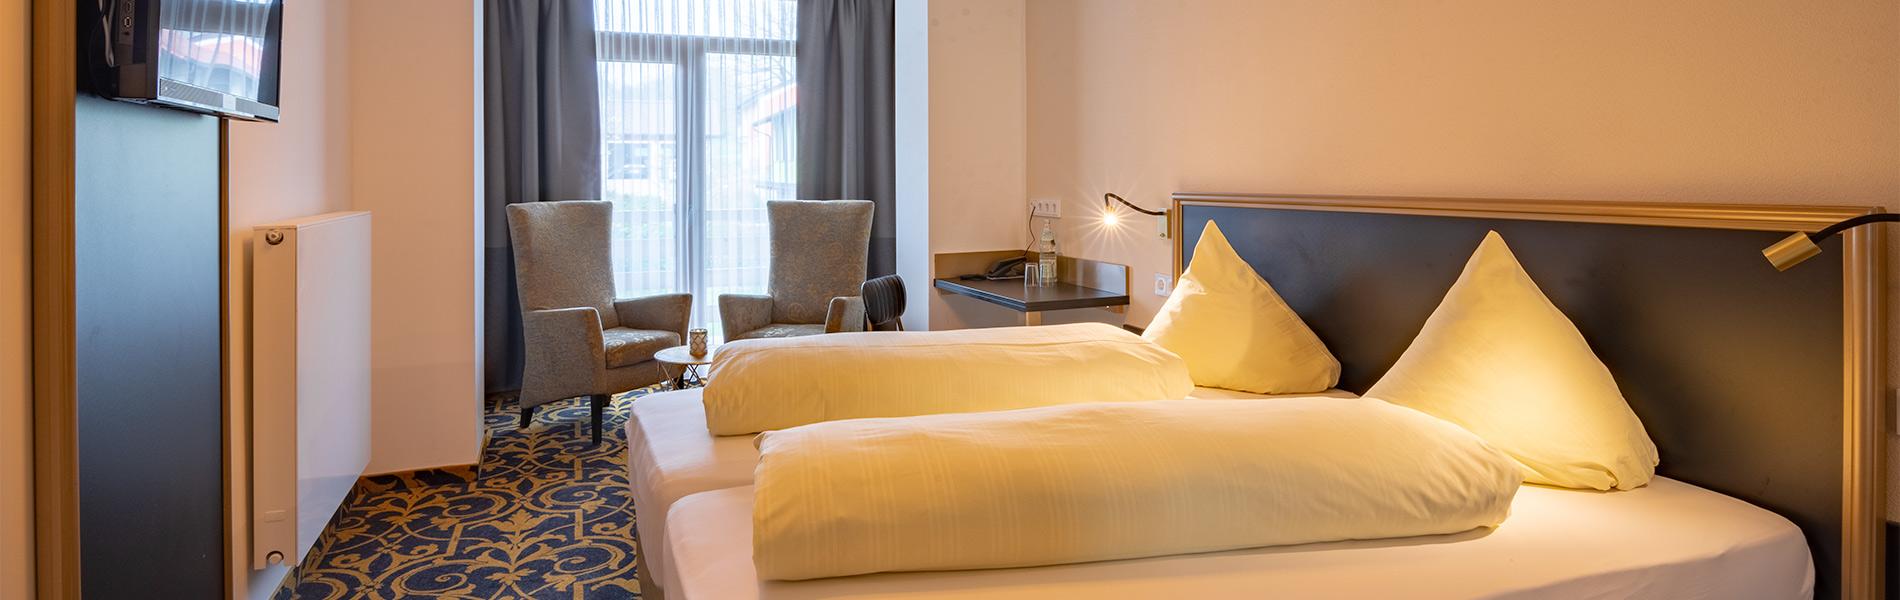 Doppelzimmer Kategorie Komfort